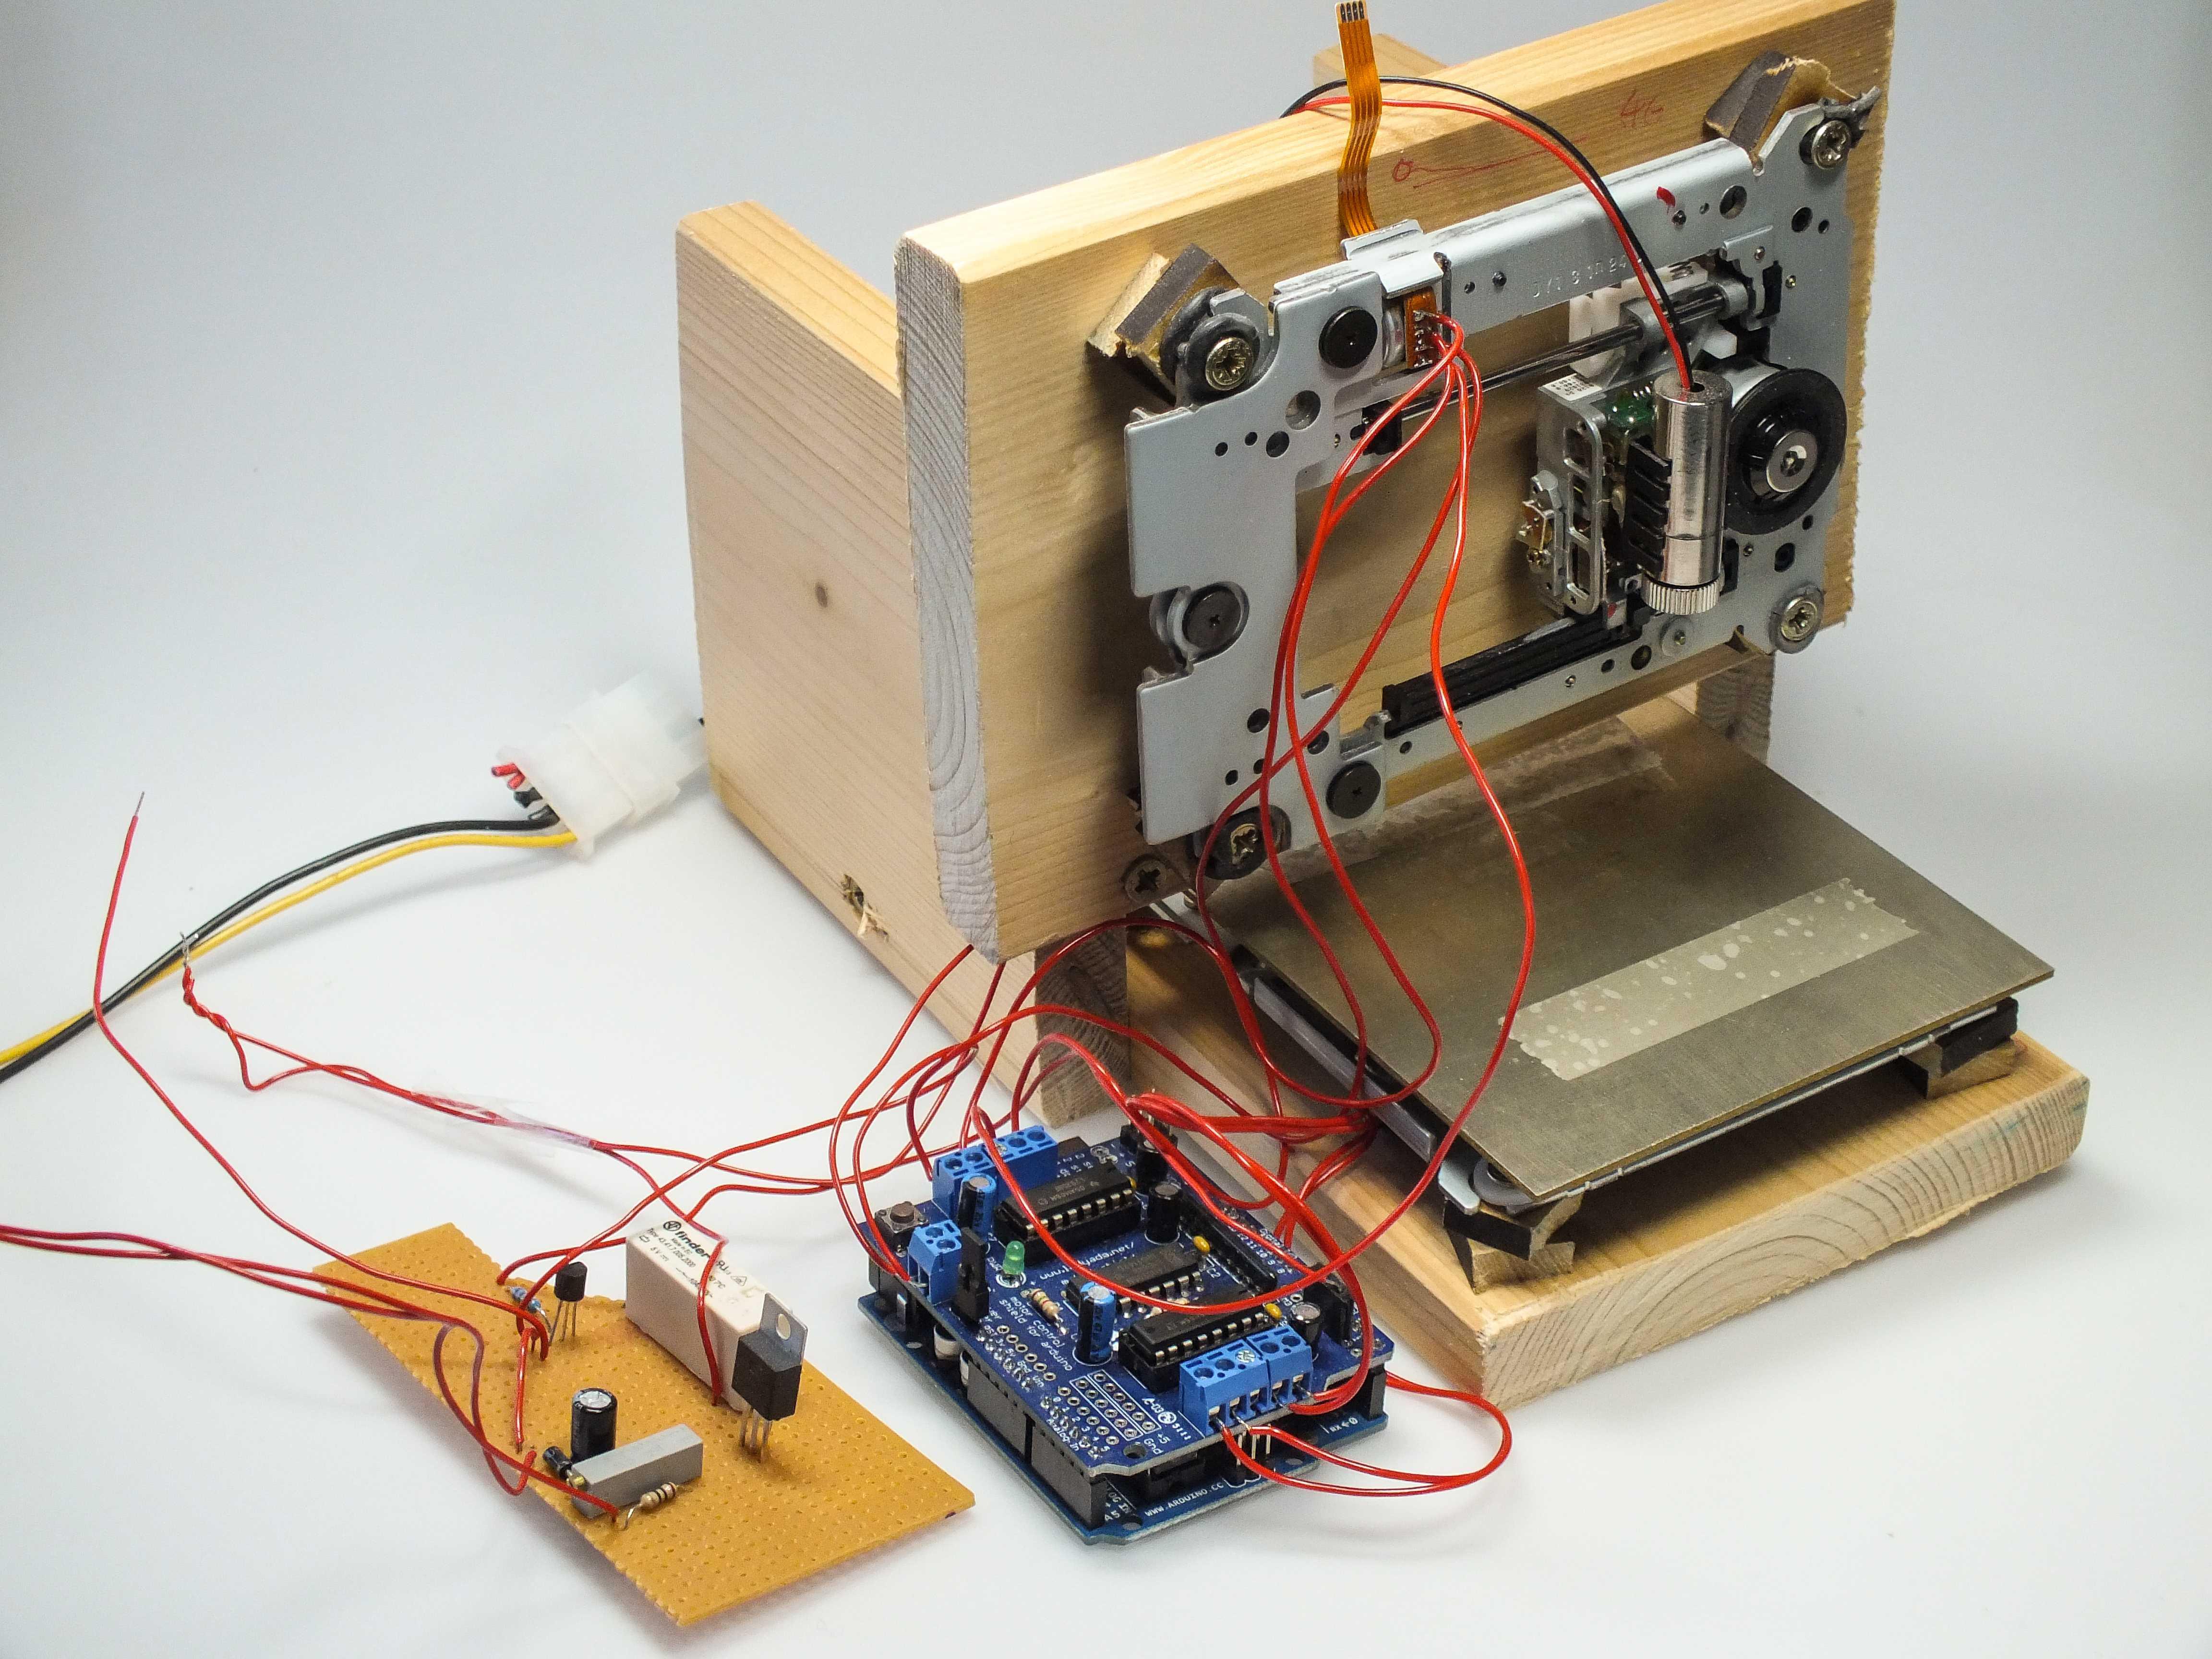 Holzaufbau mit Innenleben eines DVD-Brenners, einem Arduino Uno und einer Platine.